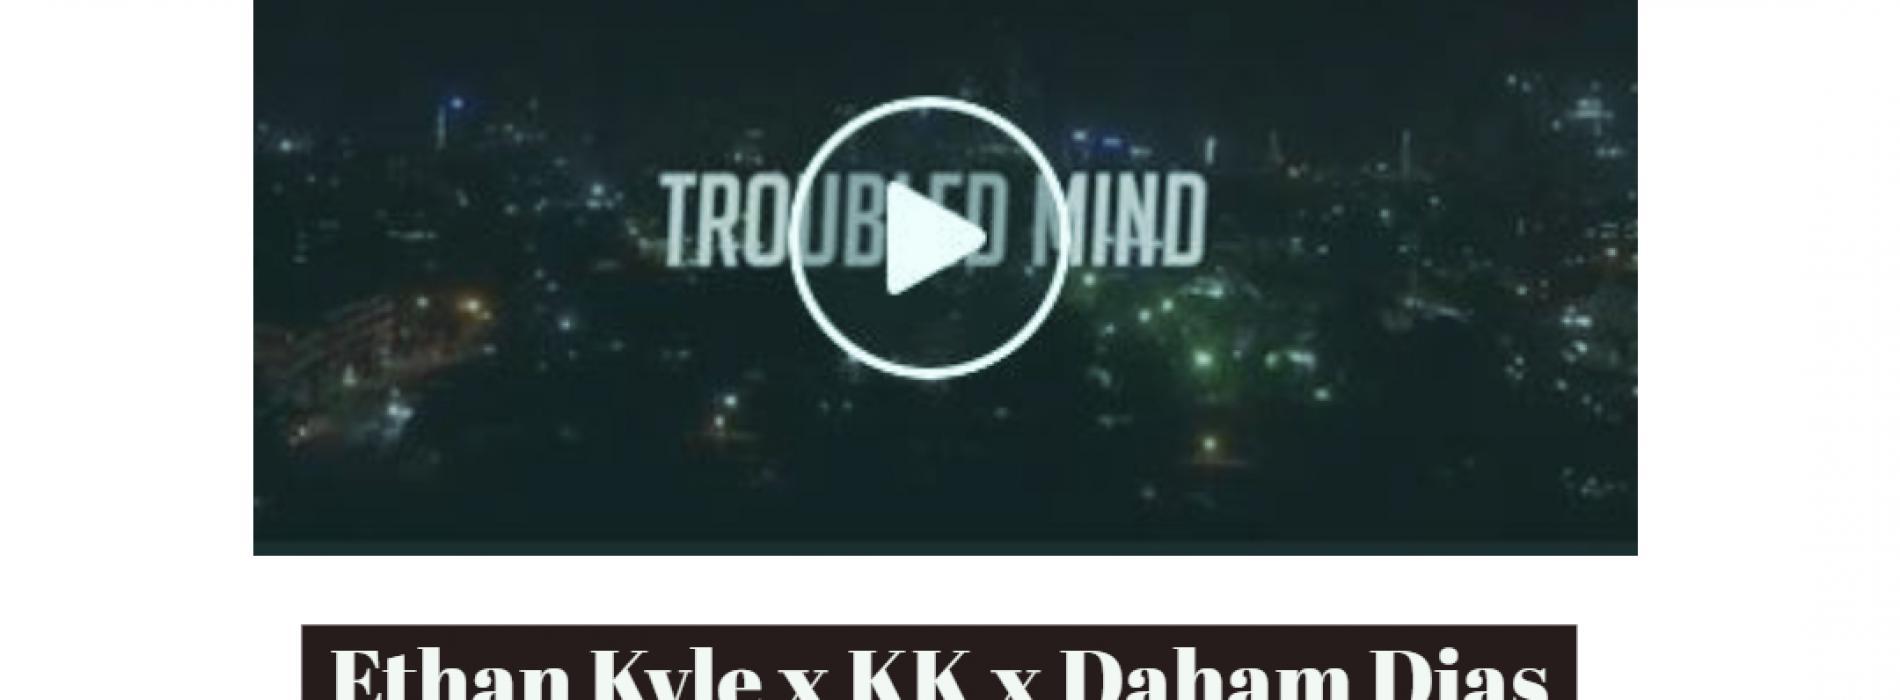 Ethan Kyle x KK x Daham Dias x Brendon – Troubled Mind